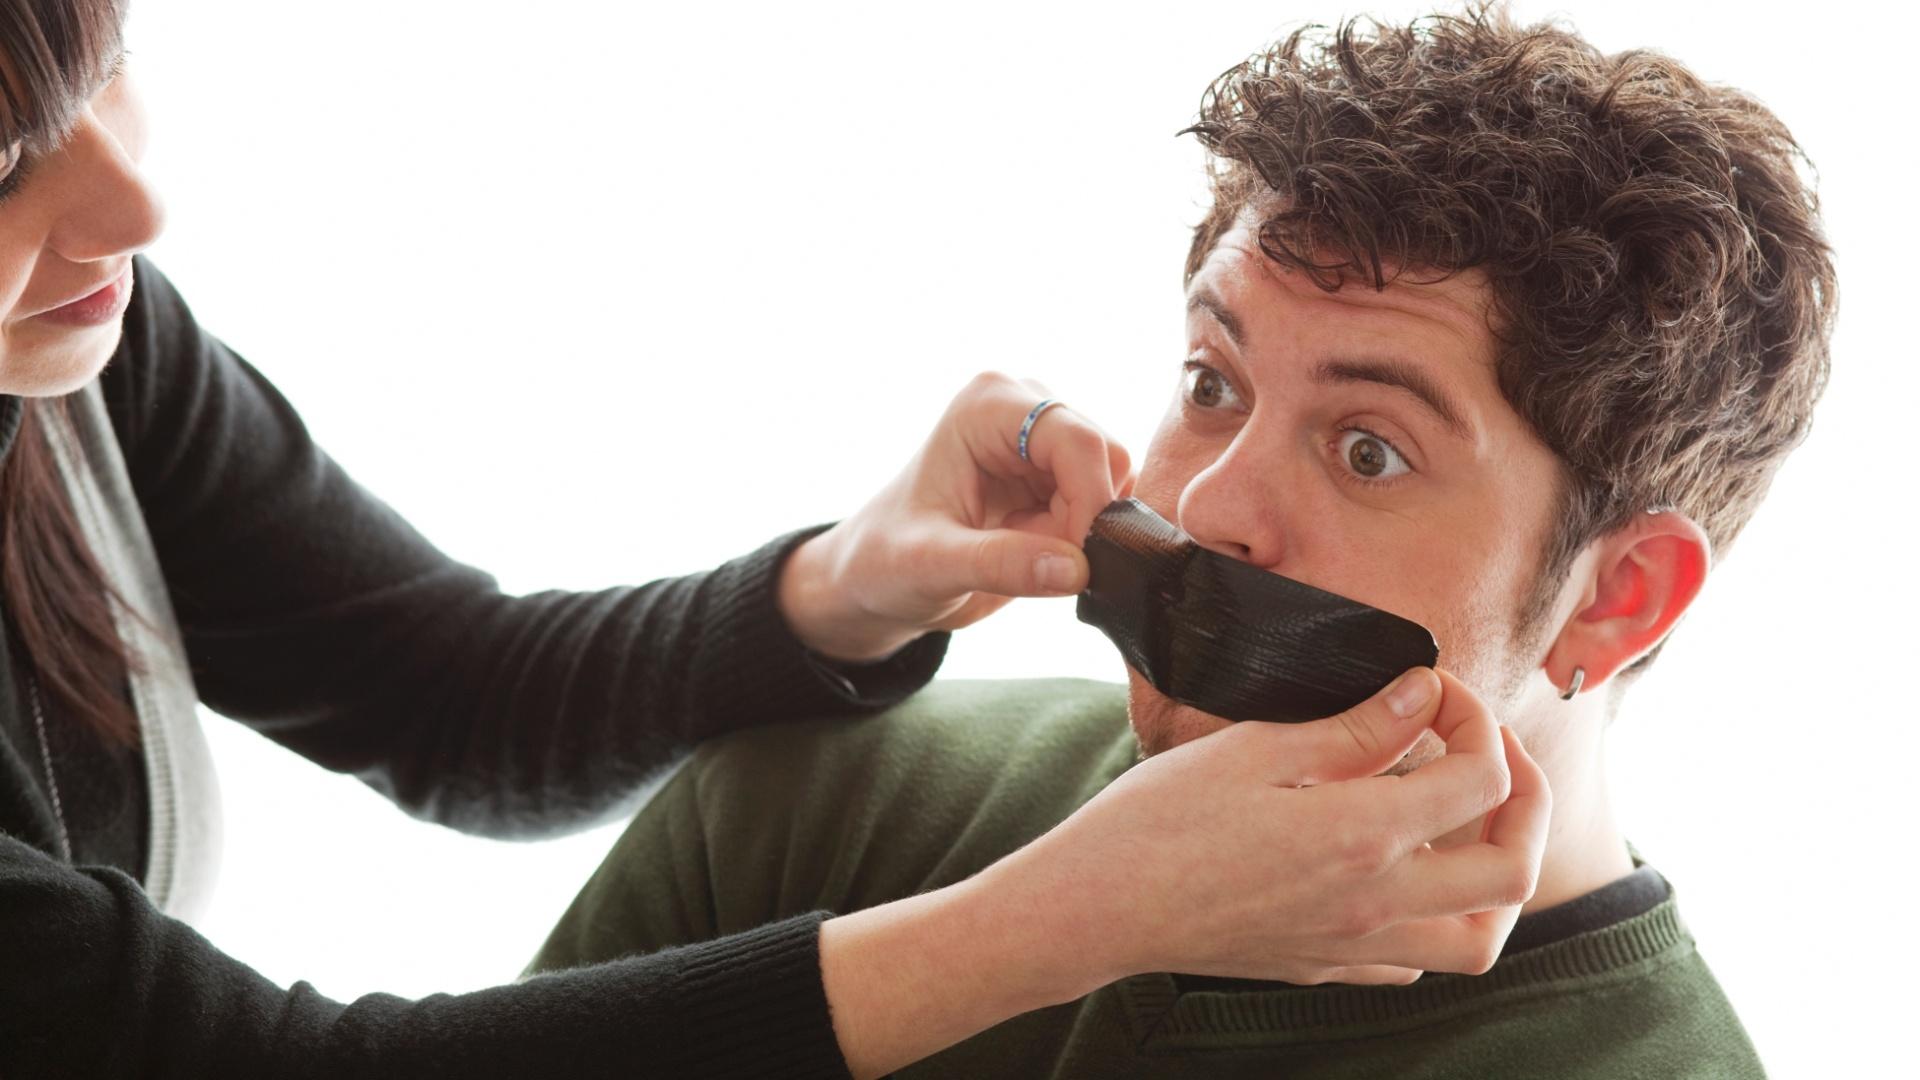 http://imguol.com/2013/02/05/mulher-cobre-a-boca-do-homem-mulher-fechando-a-boca-de-rapaz-com-fita-mau-halito-calar-a-boca-1360092775959_1920x1080.jpg